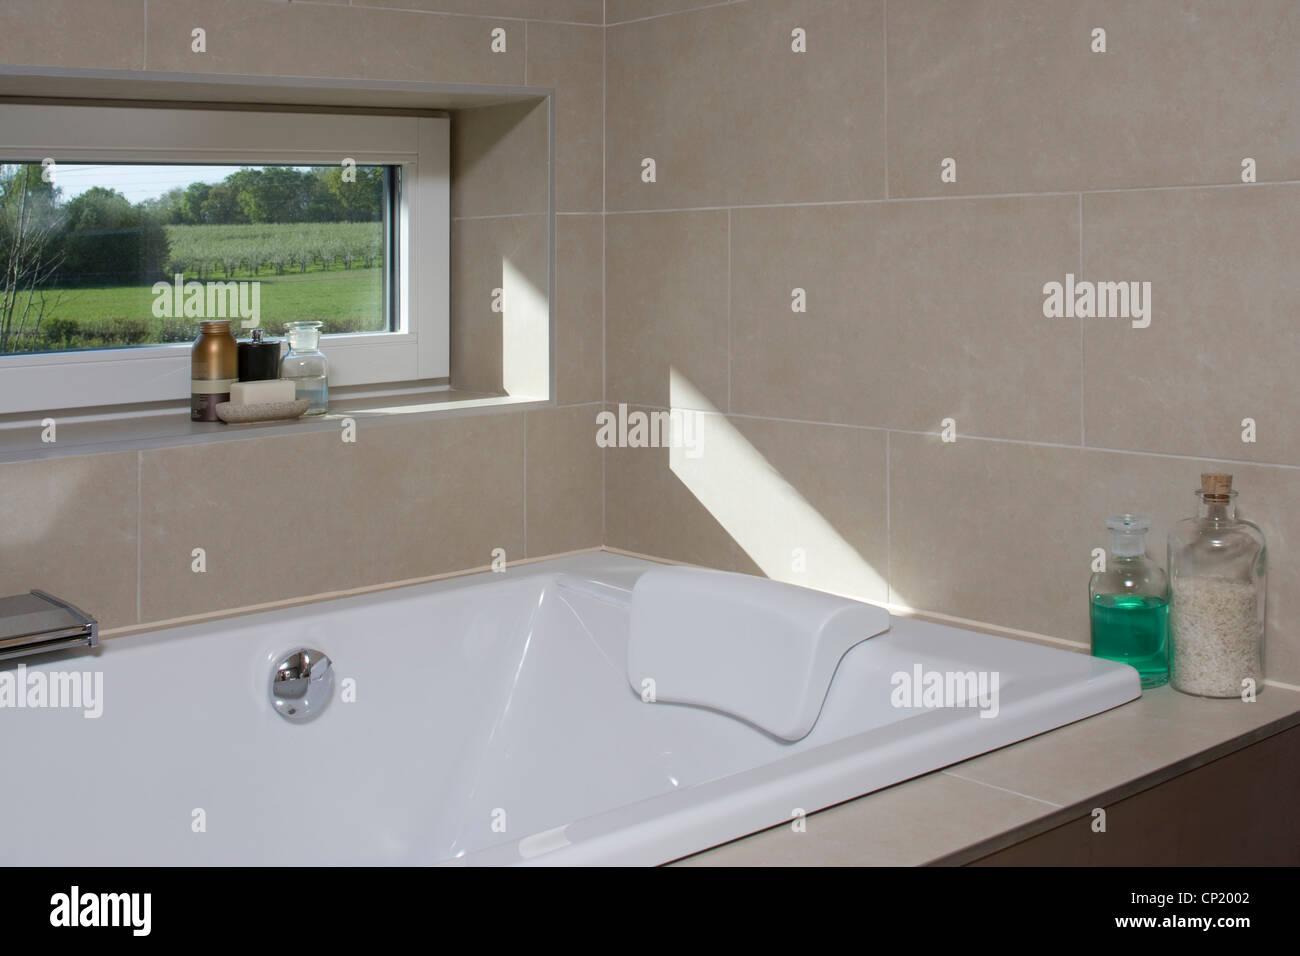 Vasca Da Bagno Sotto Finestra : Vasca da bagno sotto la finestra a zero emissioni di carbonio casa